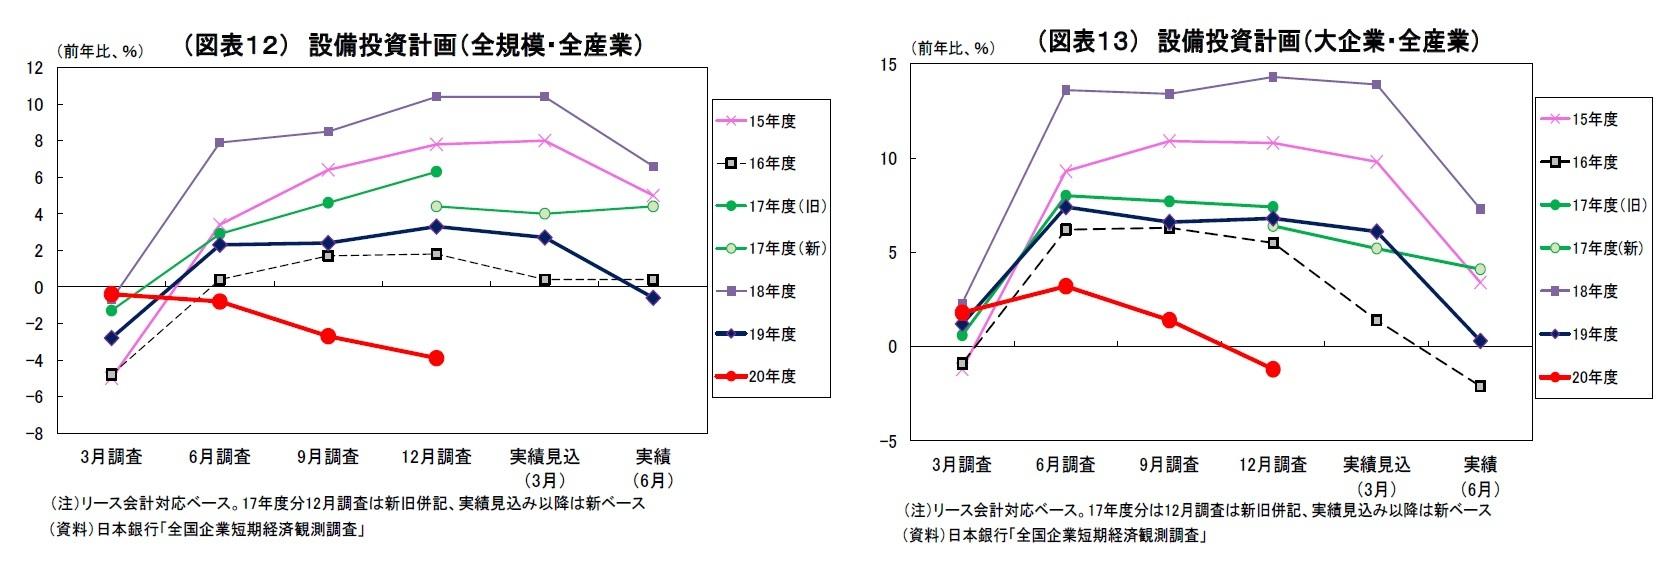 (図表12) 設備投資計画(全規模・全産業)/(図表13) 設備投資計画(大企業・全産業)